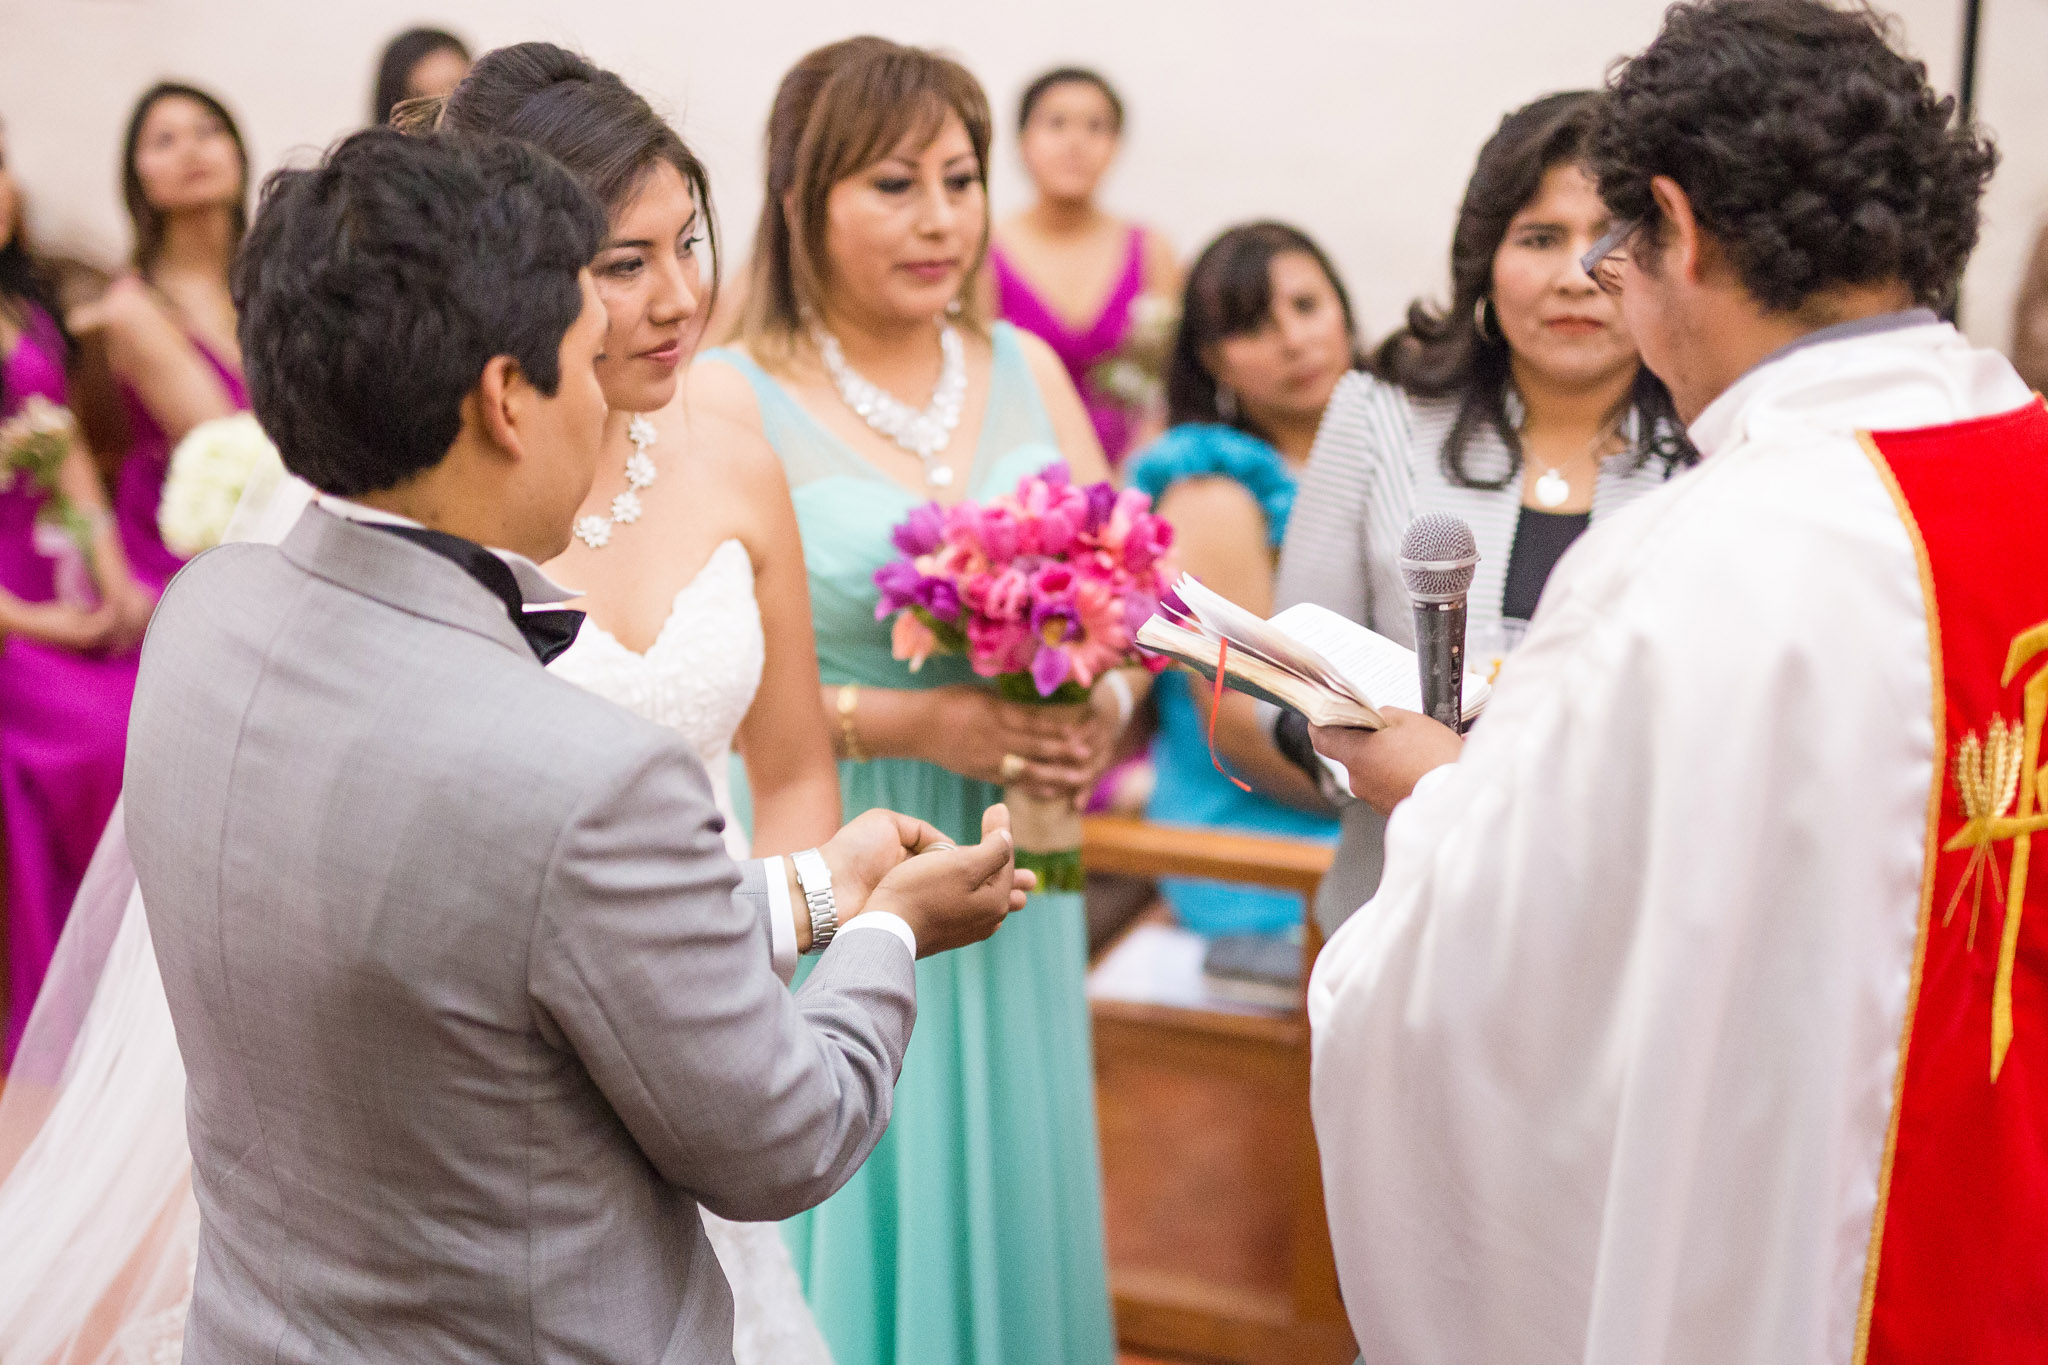 Wedding-Travellers-Destination-Wedding-Peru-Cusco-Hacienda-Sarapampa-Sacred-Valley-arras-exchange-coins